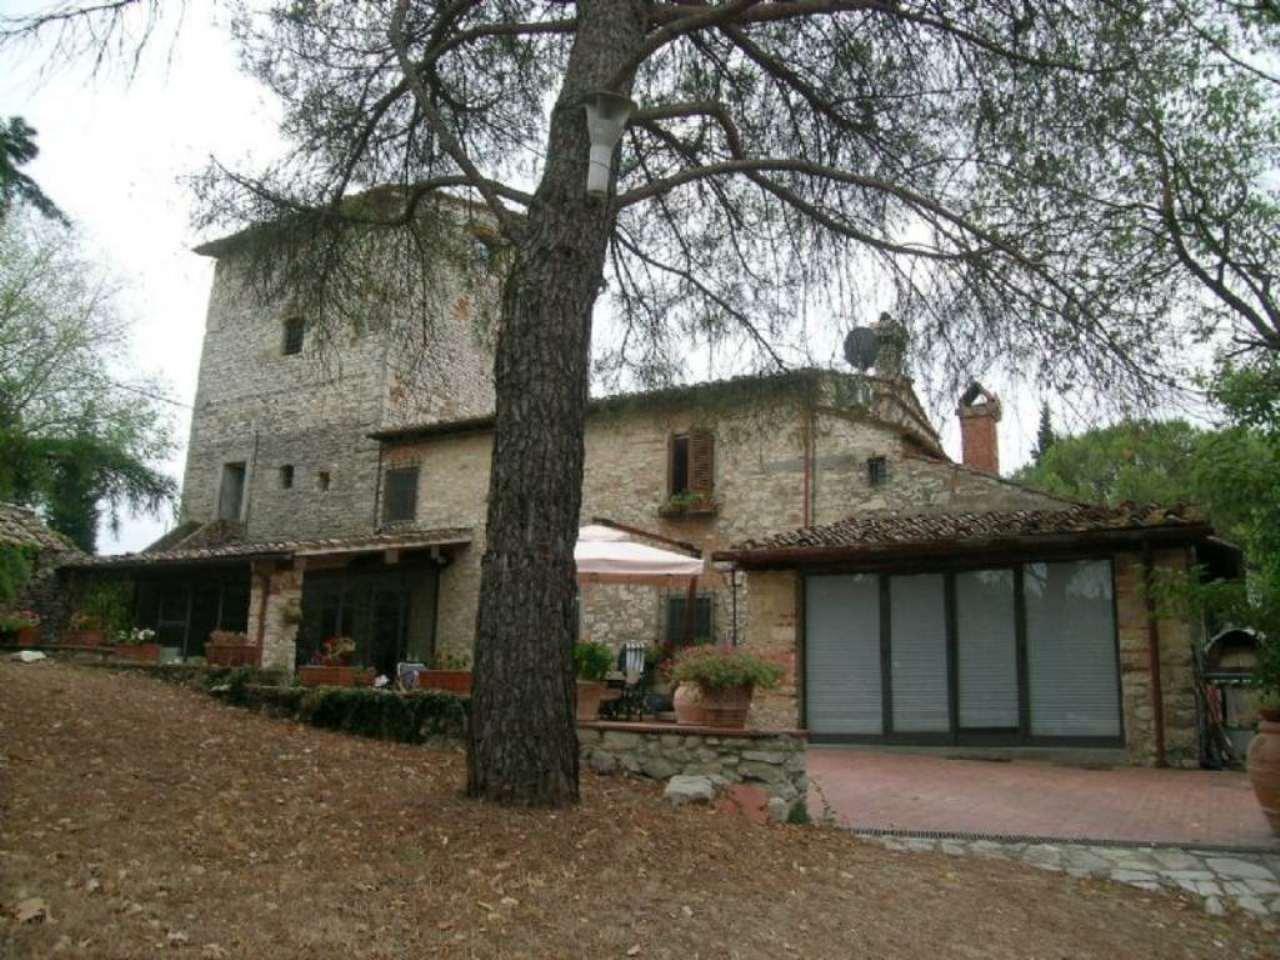 Soluzione Indipendente in vendita a Rignano sull'Arno, 6 locali, prezzo € 495.000 | Cambio Casa.it